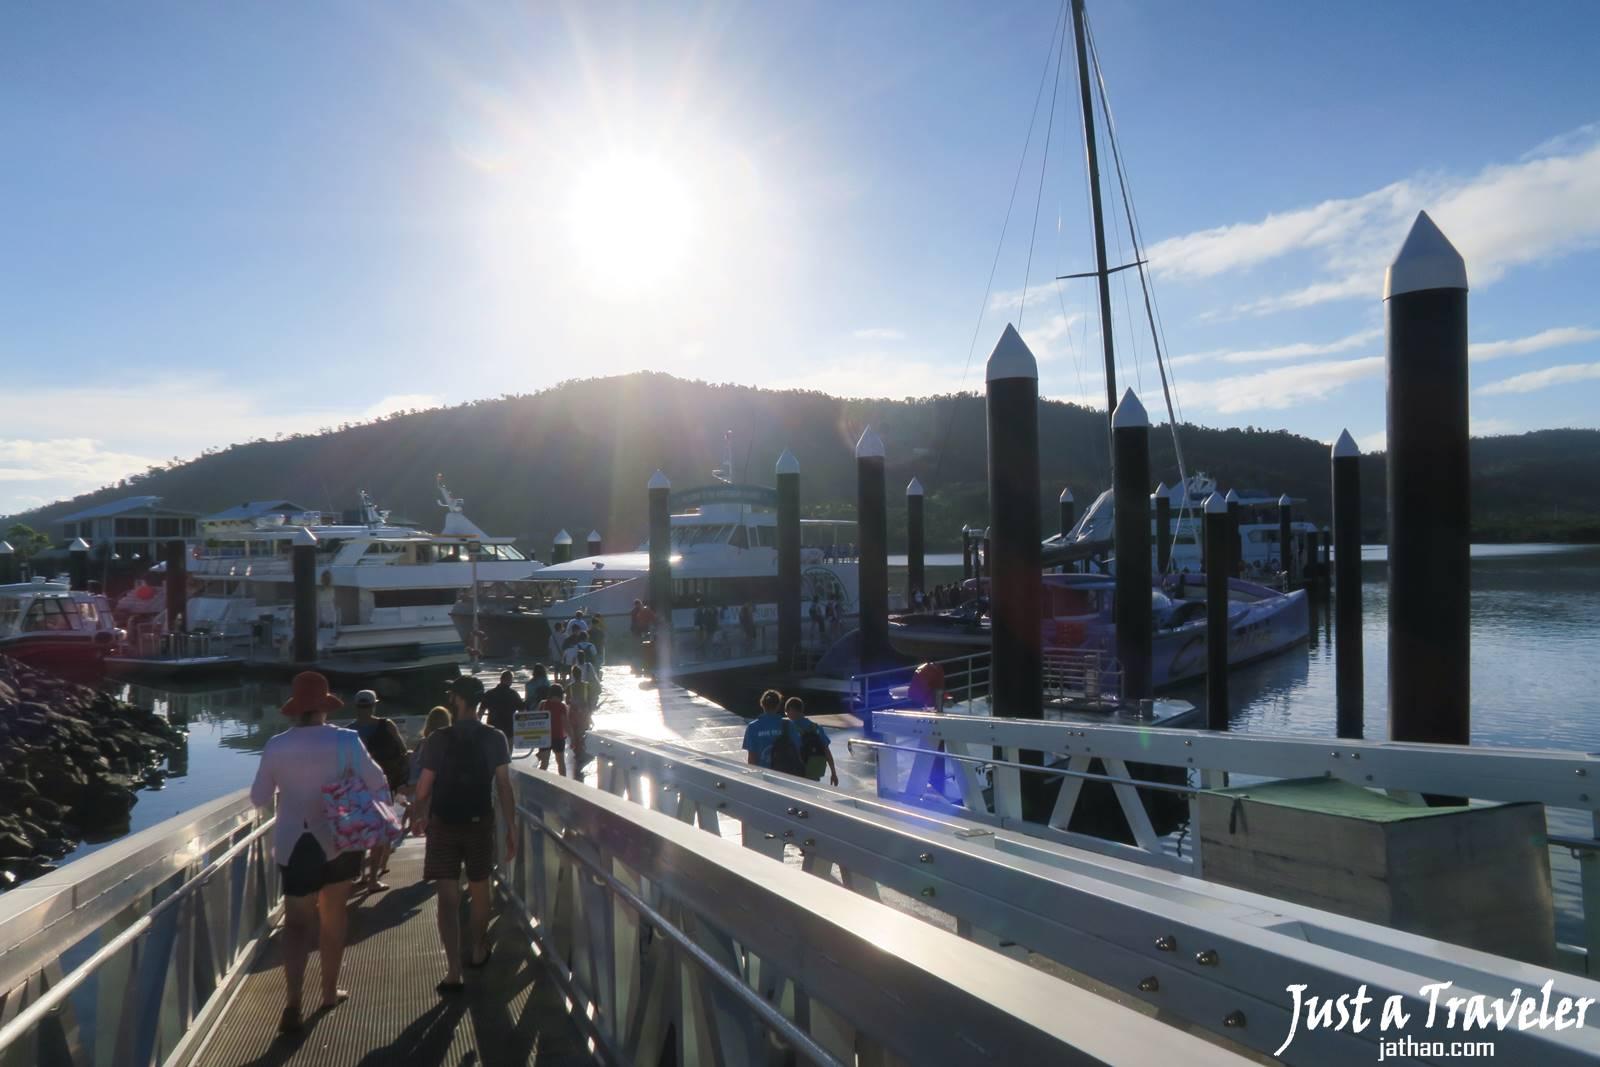 聖靈群島-艾爾利海灘-港口-景點-推薦-大堡礁-浮潛-潛水-行程-玩水-一日遊-遊記-攻略-自由行-旅遊-澳洲-Whitsundays-Great-Barrier-Reef